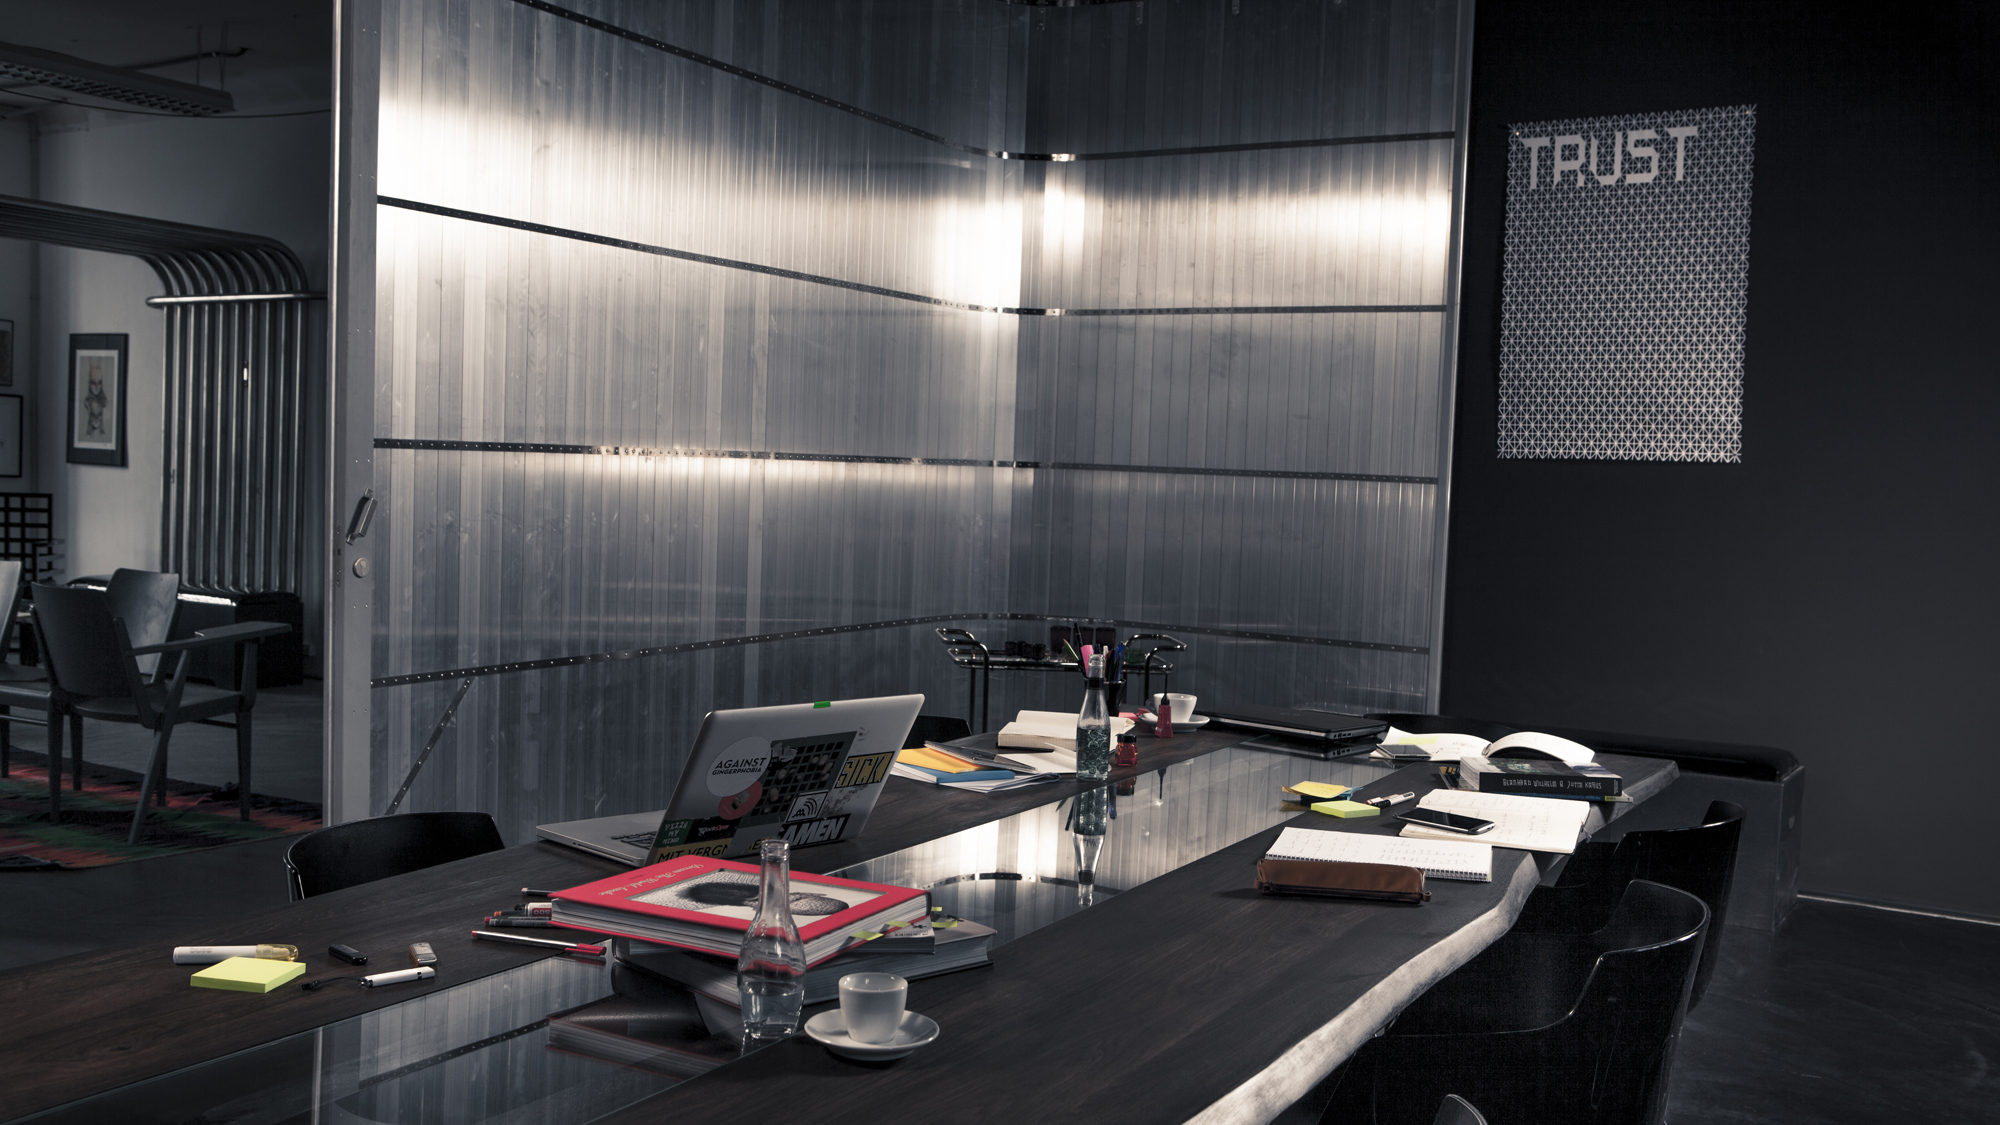 Dieser schicke Meeting-Raum im A1 Startup Campus kann gemietet werden. © A1